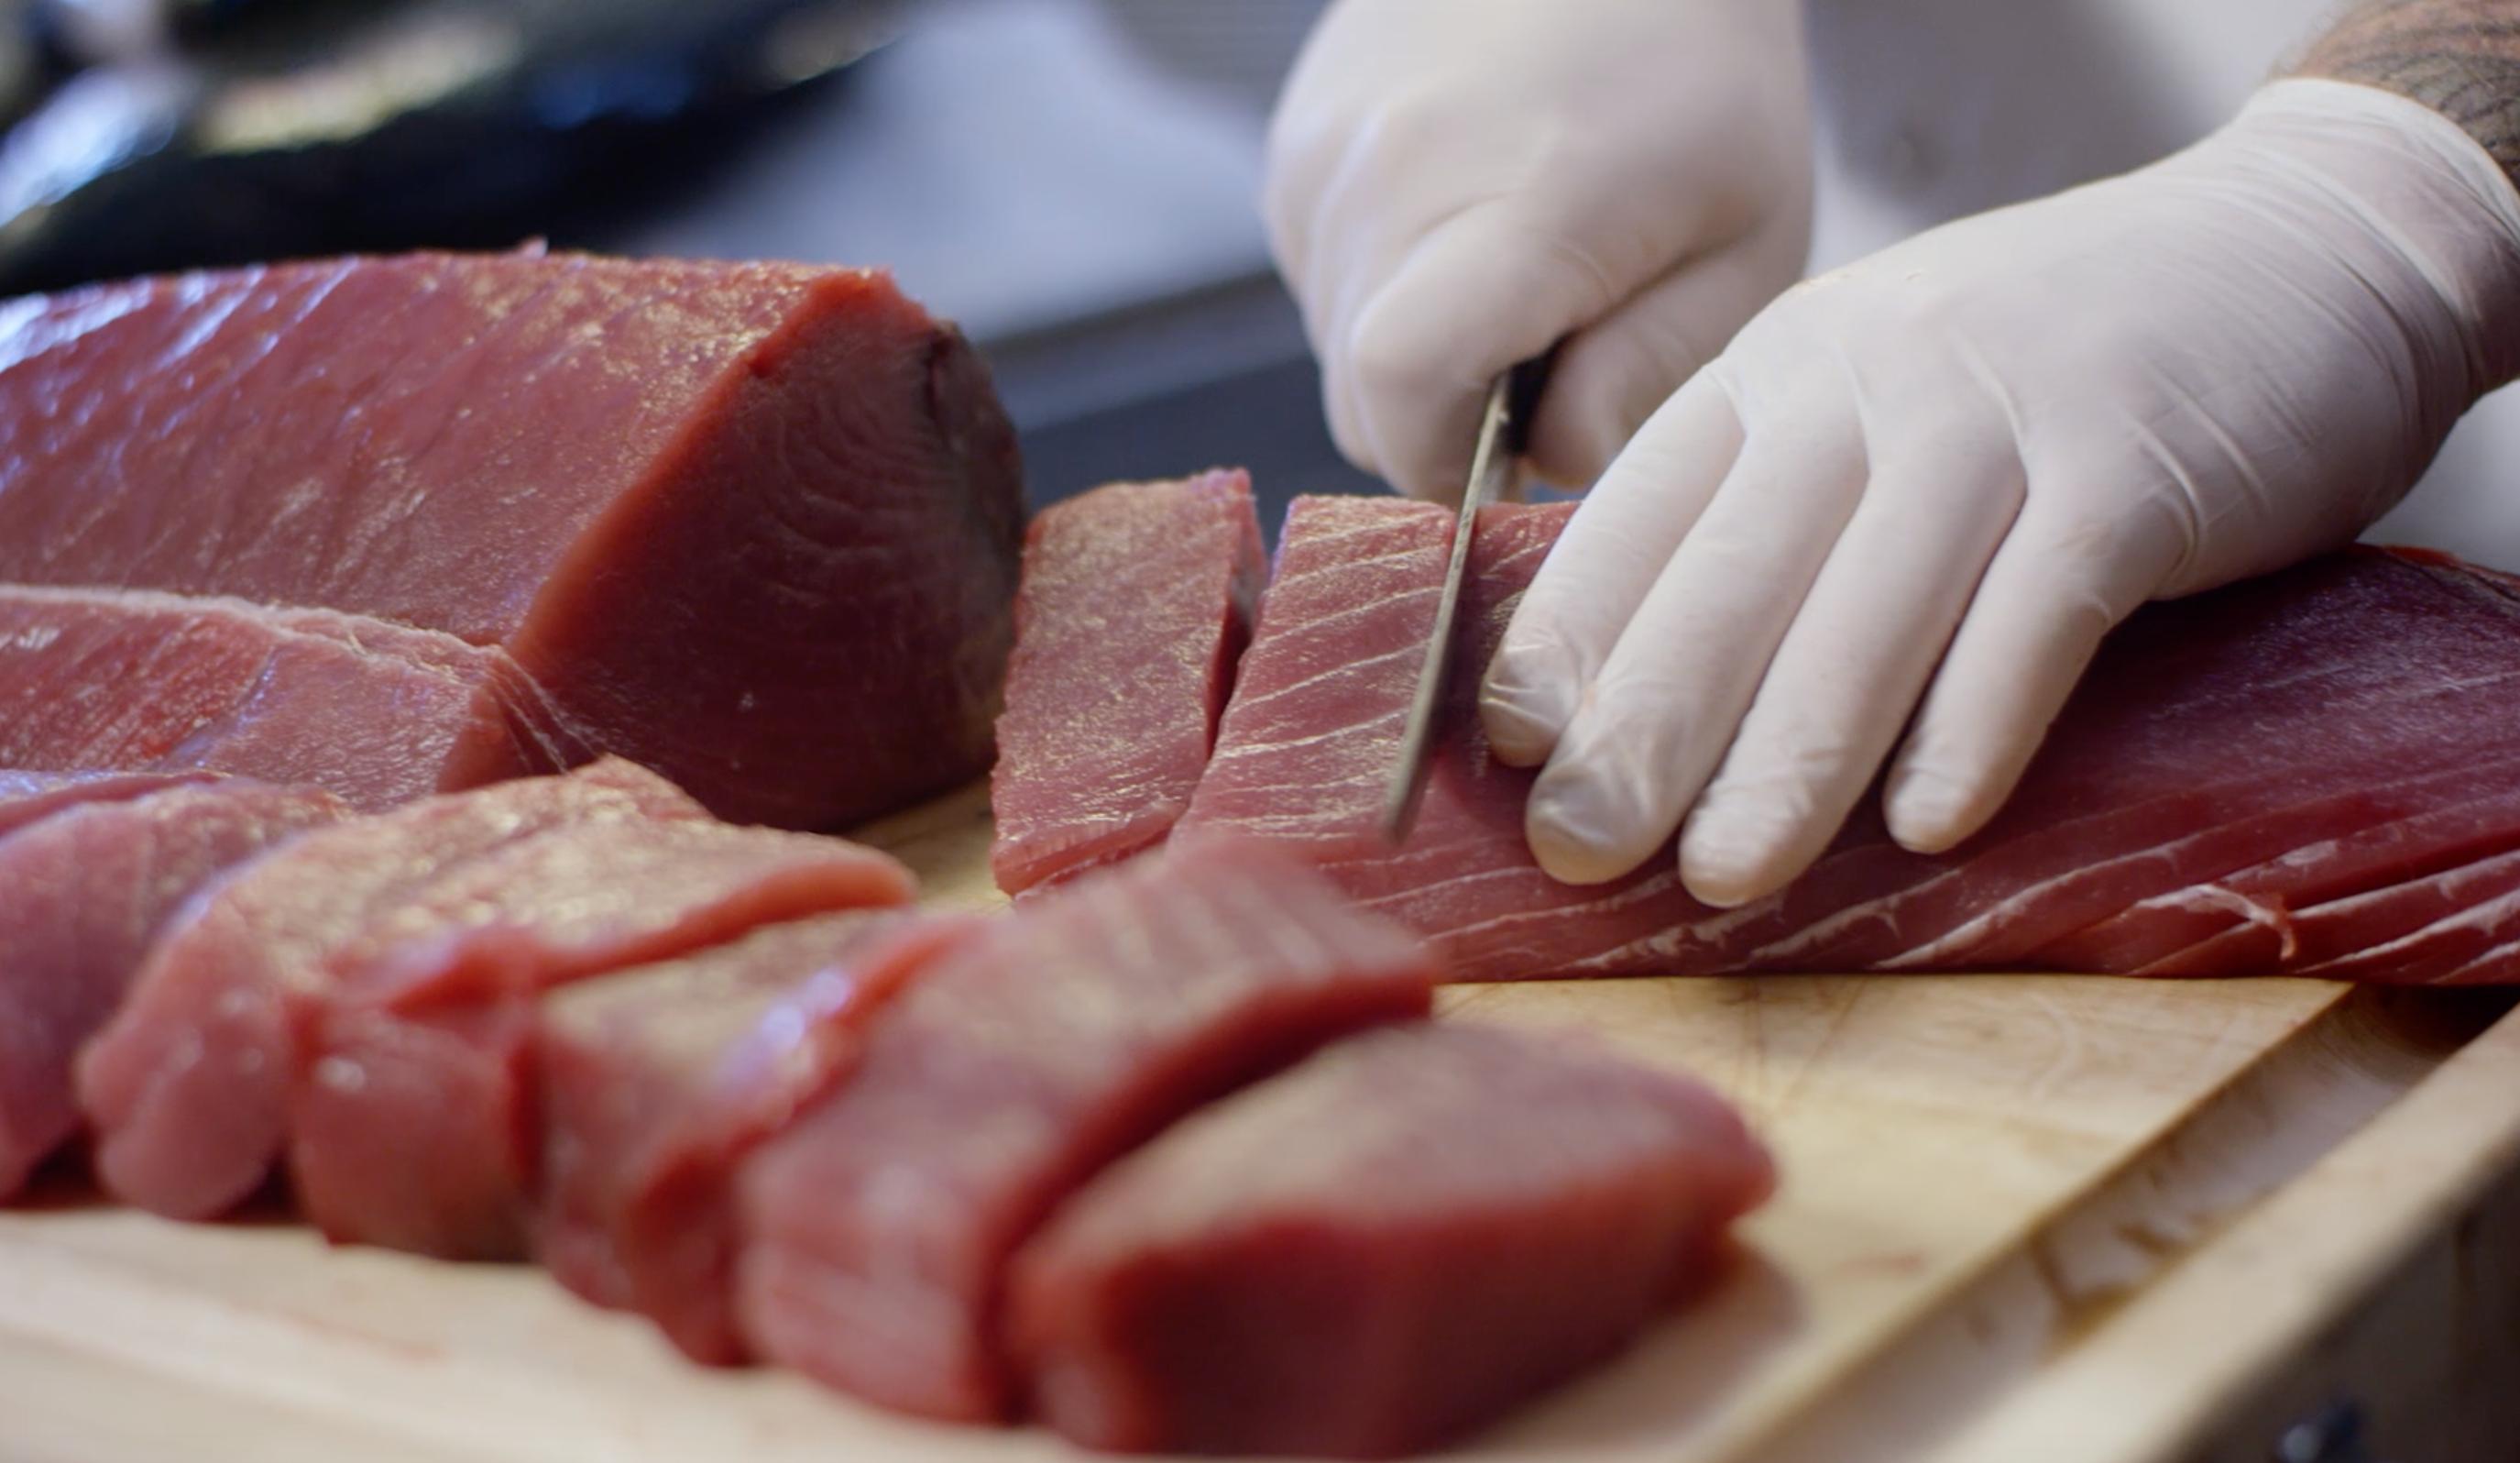 Chef cutting fresh ahi tuna on a cutting board with gloved hands.